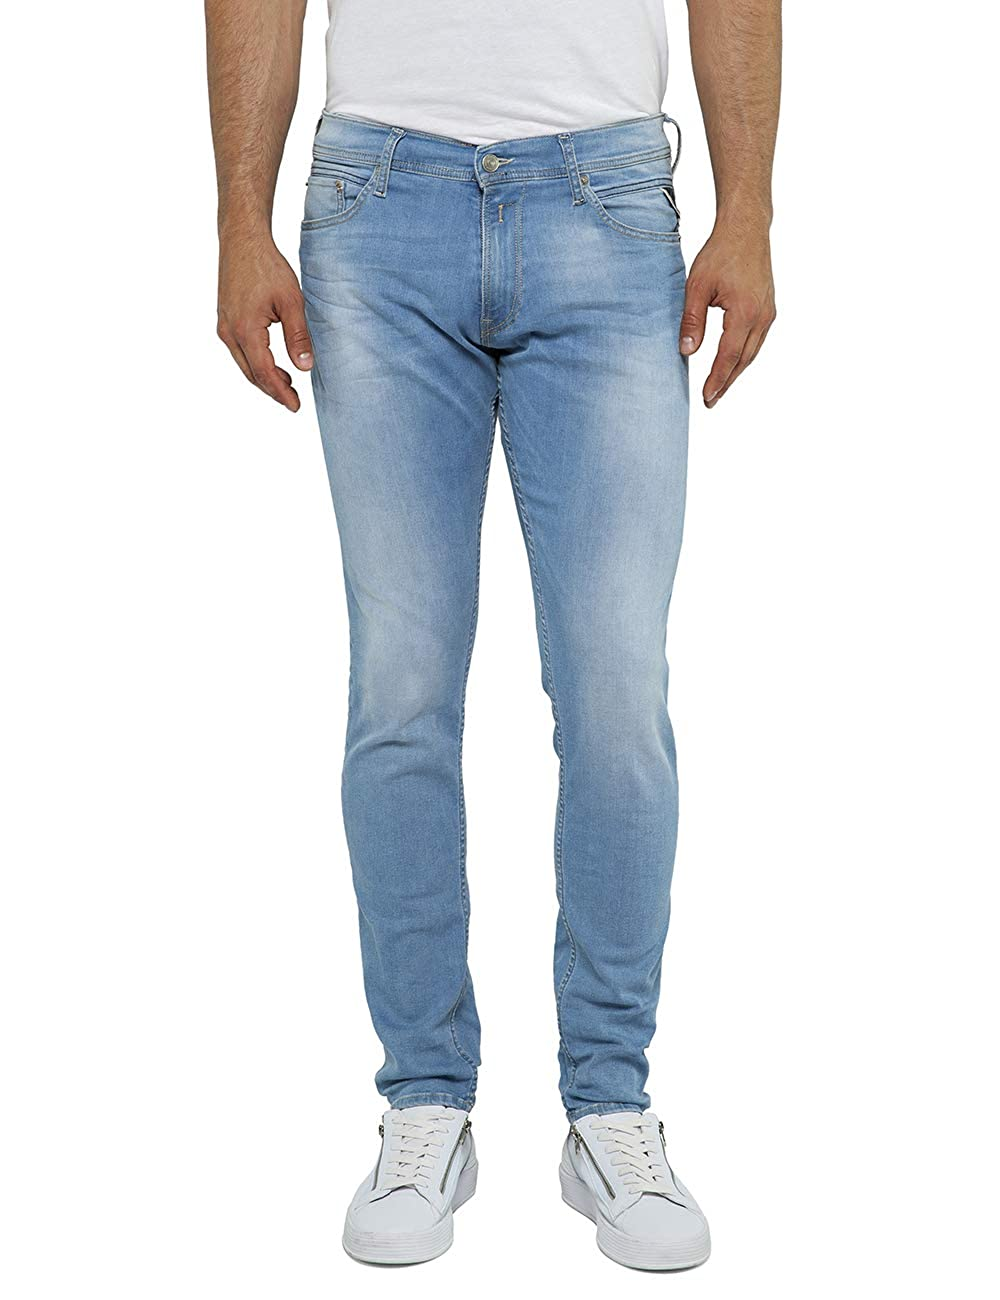 Replay Herren Skinny Jeans Jondrill B07KPRXT4Q Accessoires Accessoires Accessoires Abgabepreis 4c7540